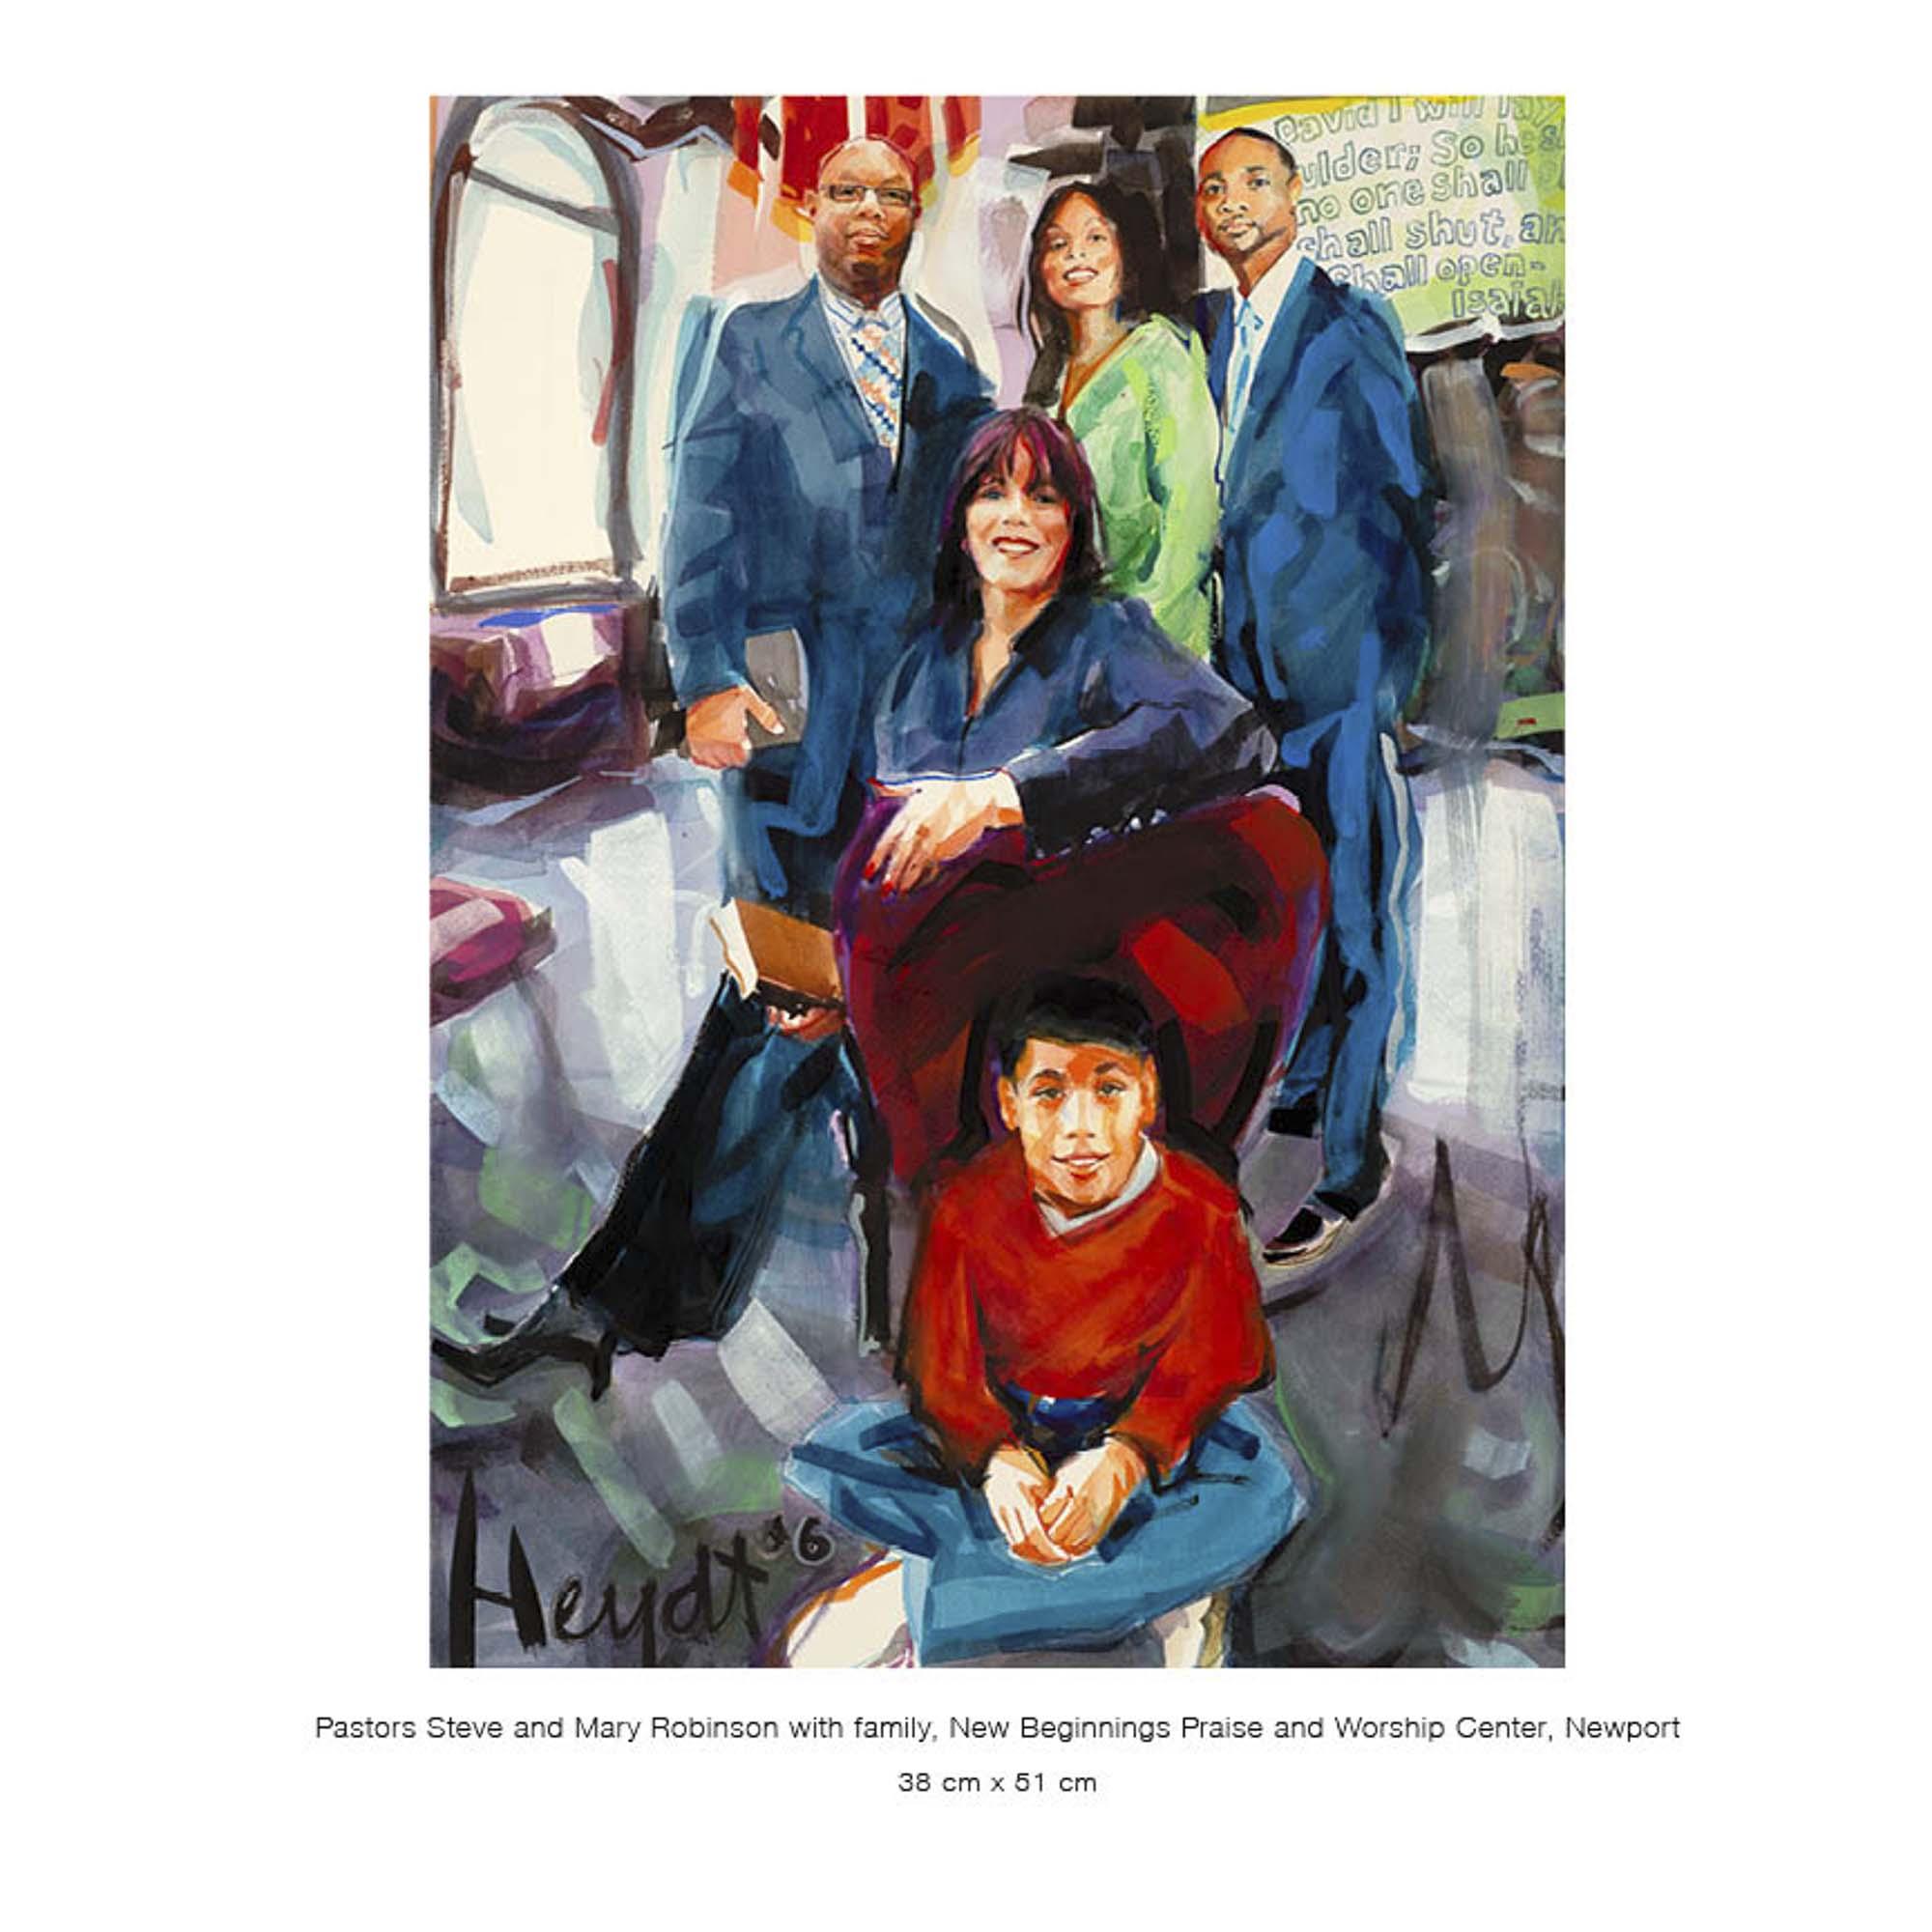 Book 5 - Newportant People Too29.jpg